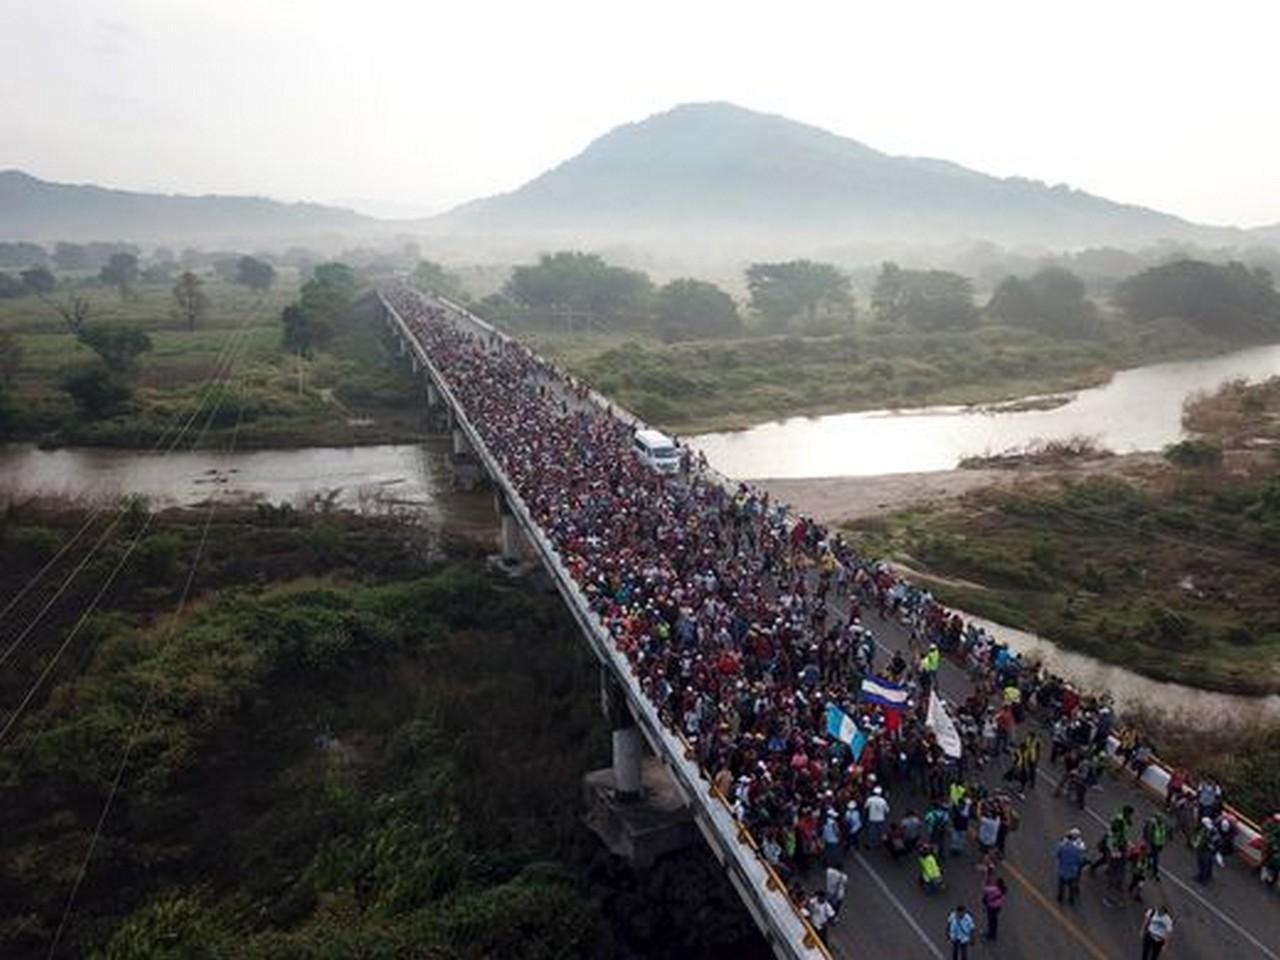 Uma caravana dessa dimensão é um fenômeno recente, agravado pela situação econômica | Fotos: Rodrigo ABD, AP